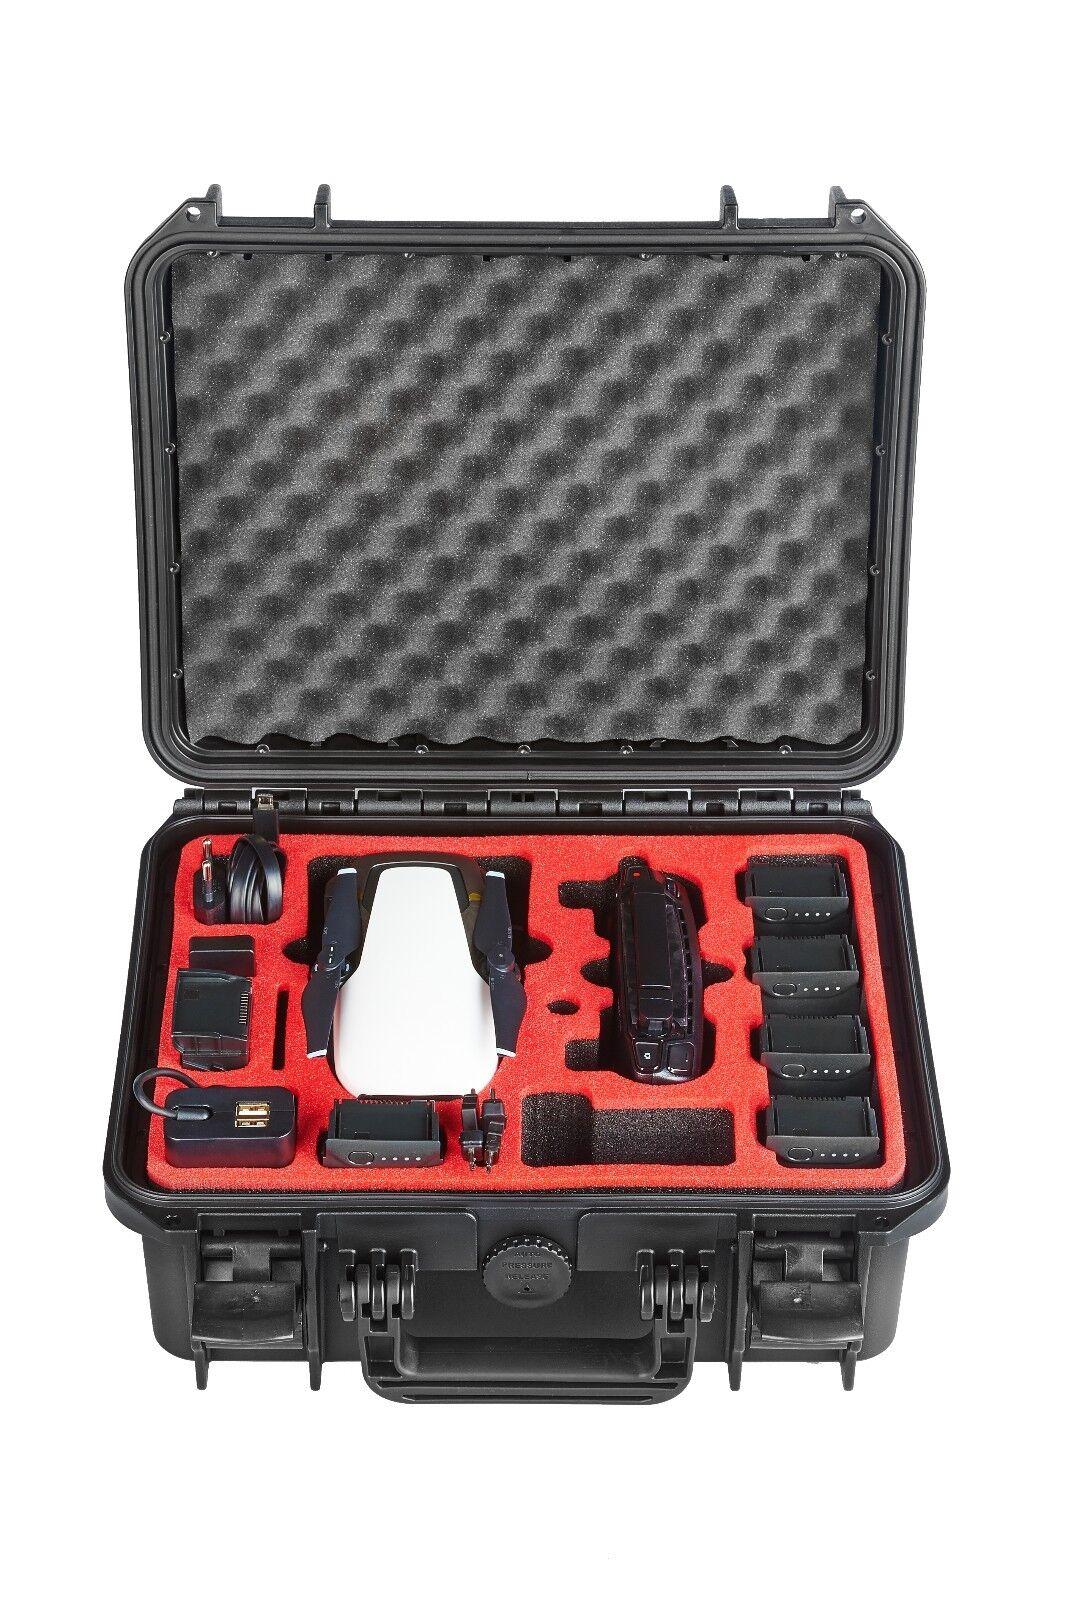 VALIGETTA di trasporto per DJI Mavic Air-Kombo Explorer edizione di  MC-Cases-batteria 8  ti renderà soddisfatto